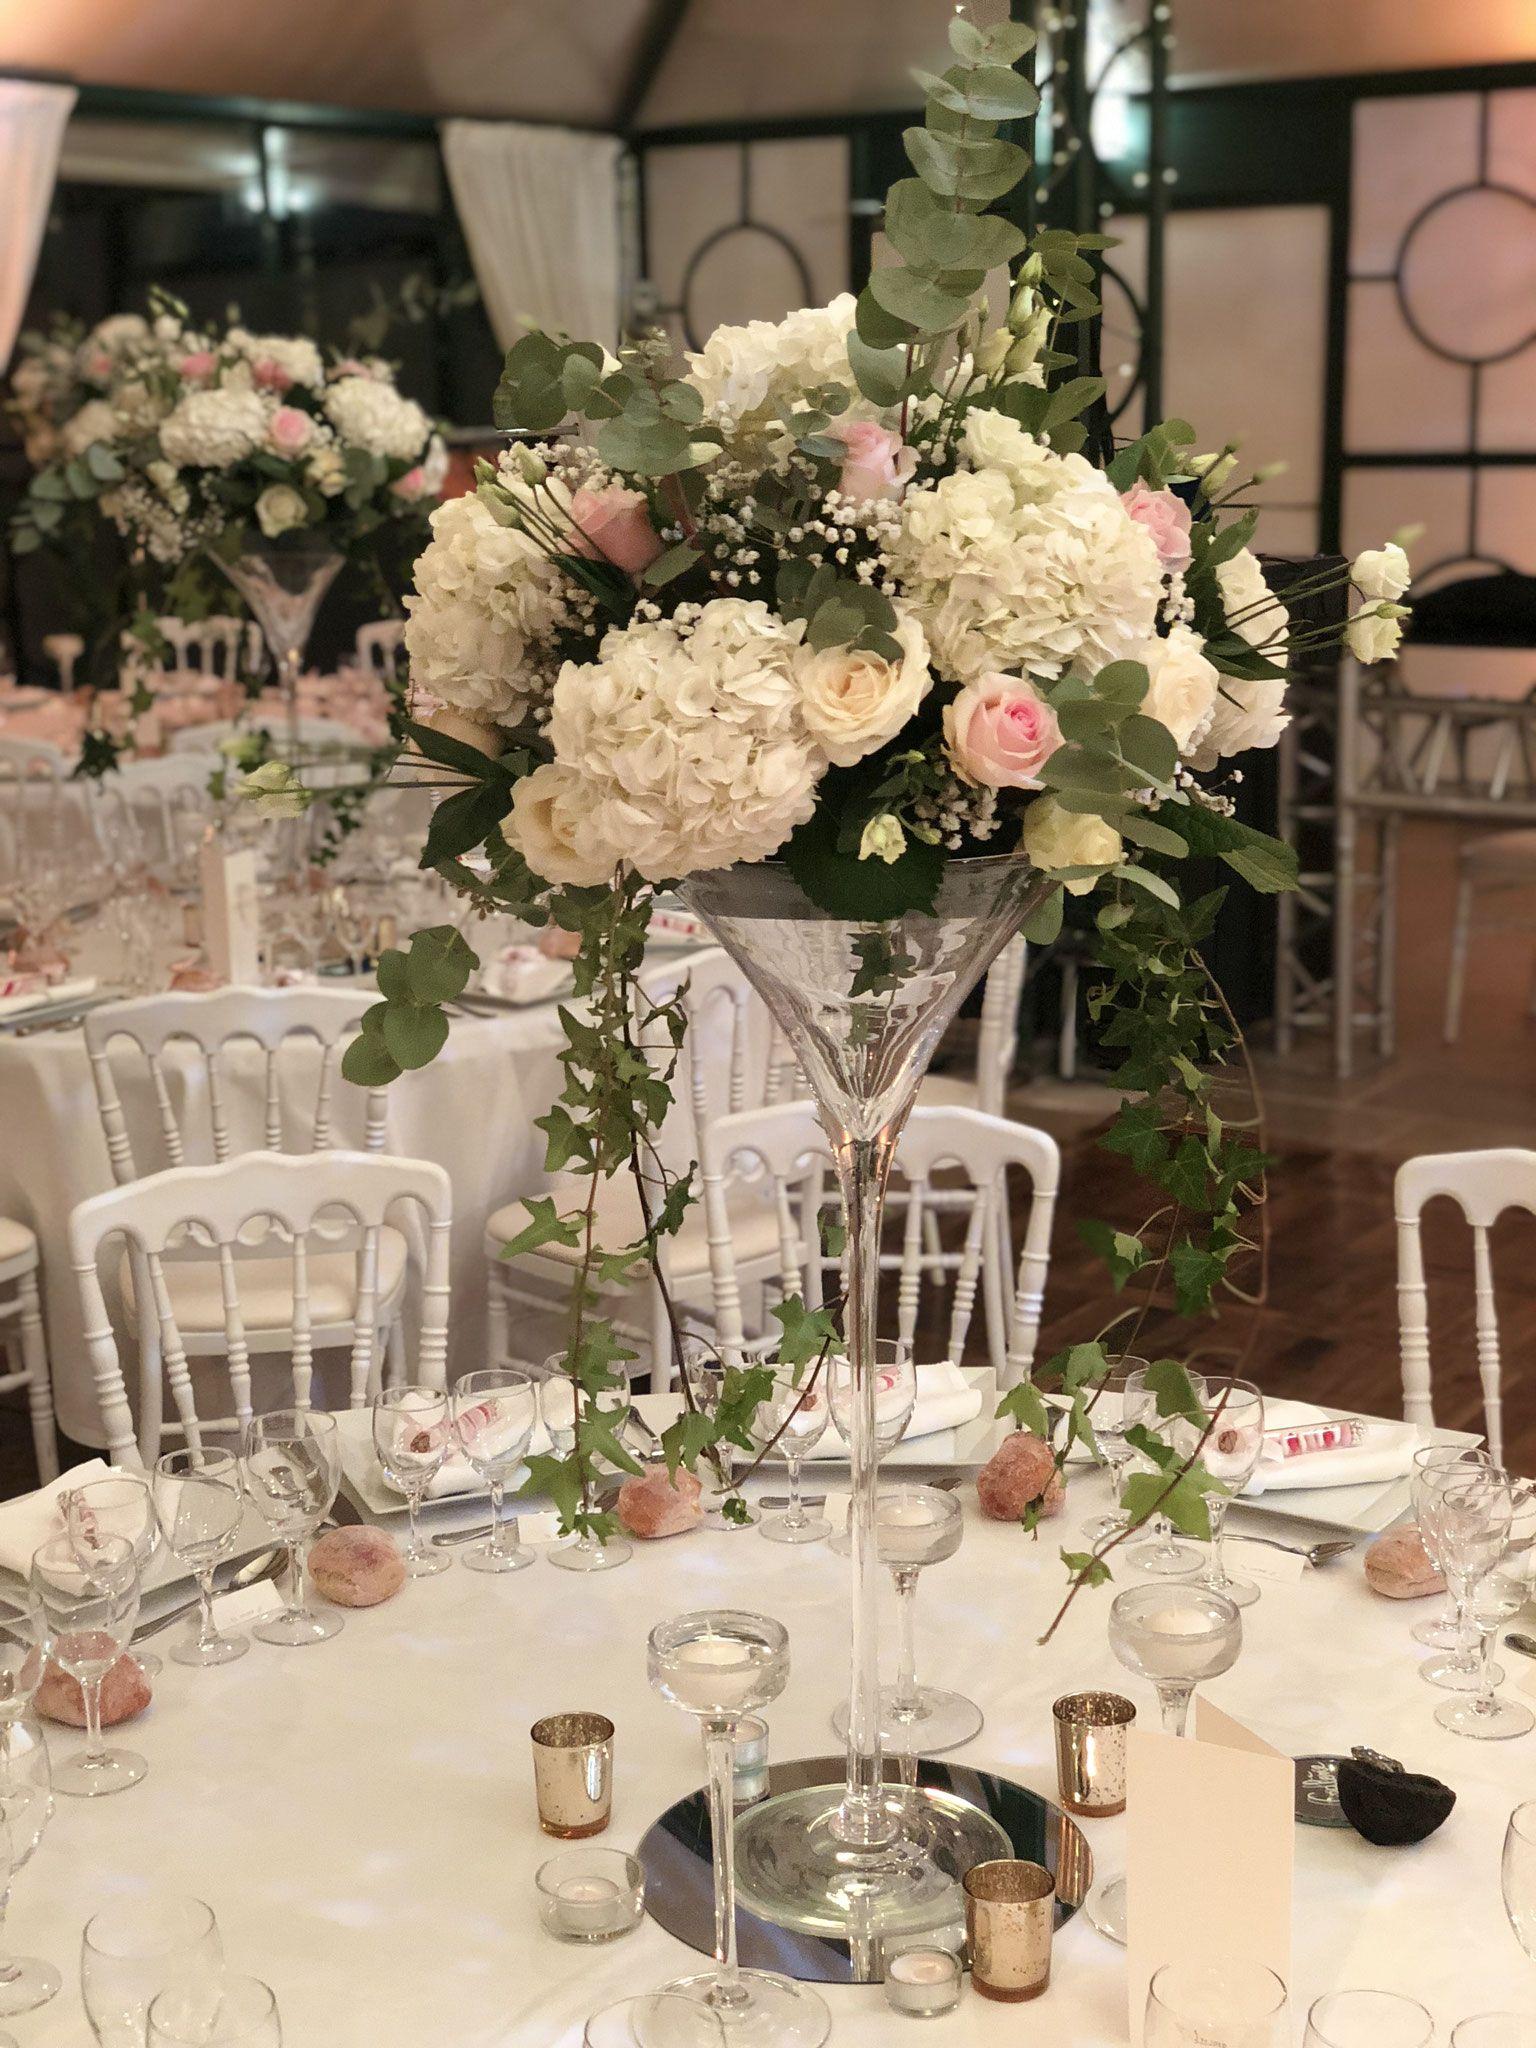 Epingle Par Nina Ganger Sur Hochzeit En 2020 Decoration Table